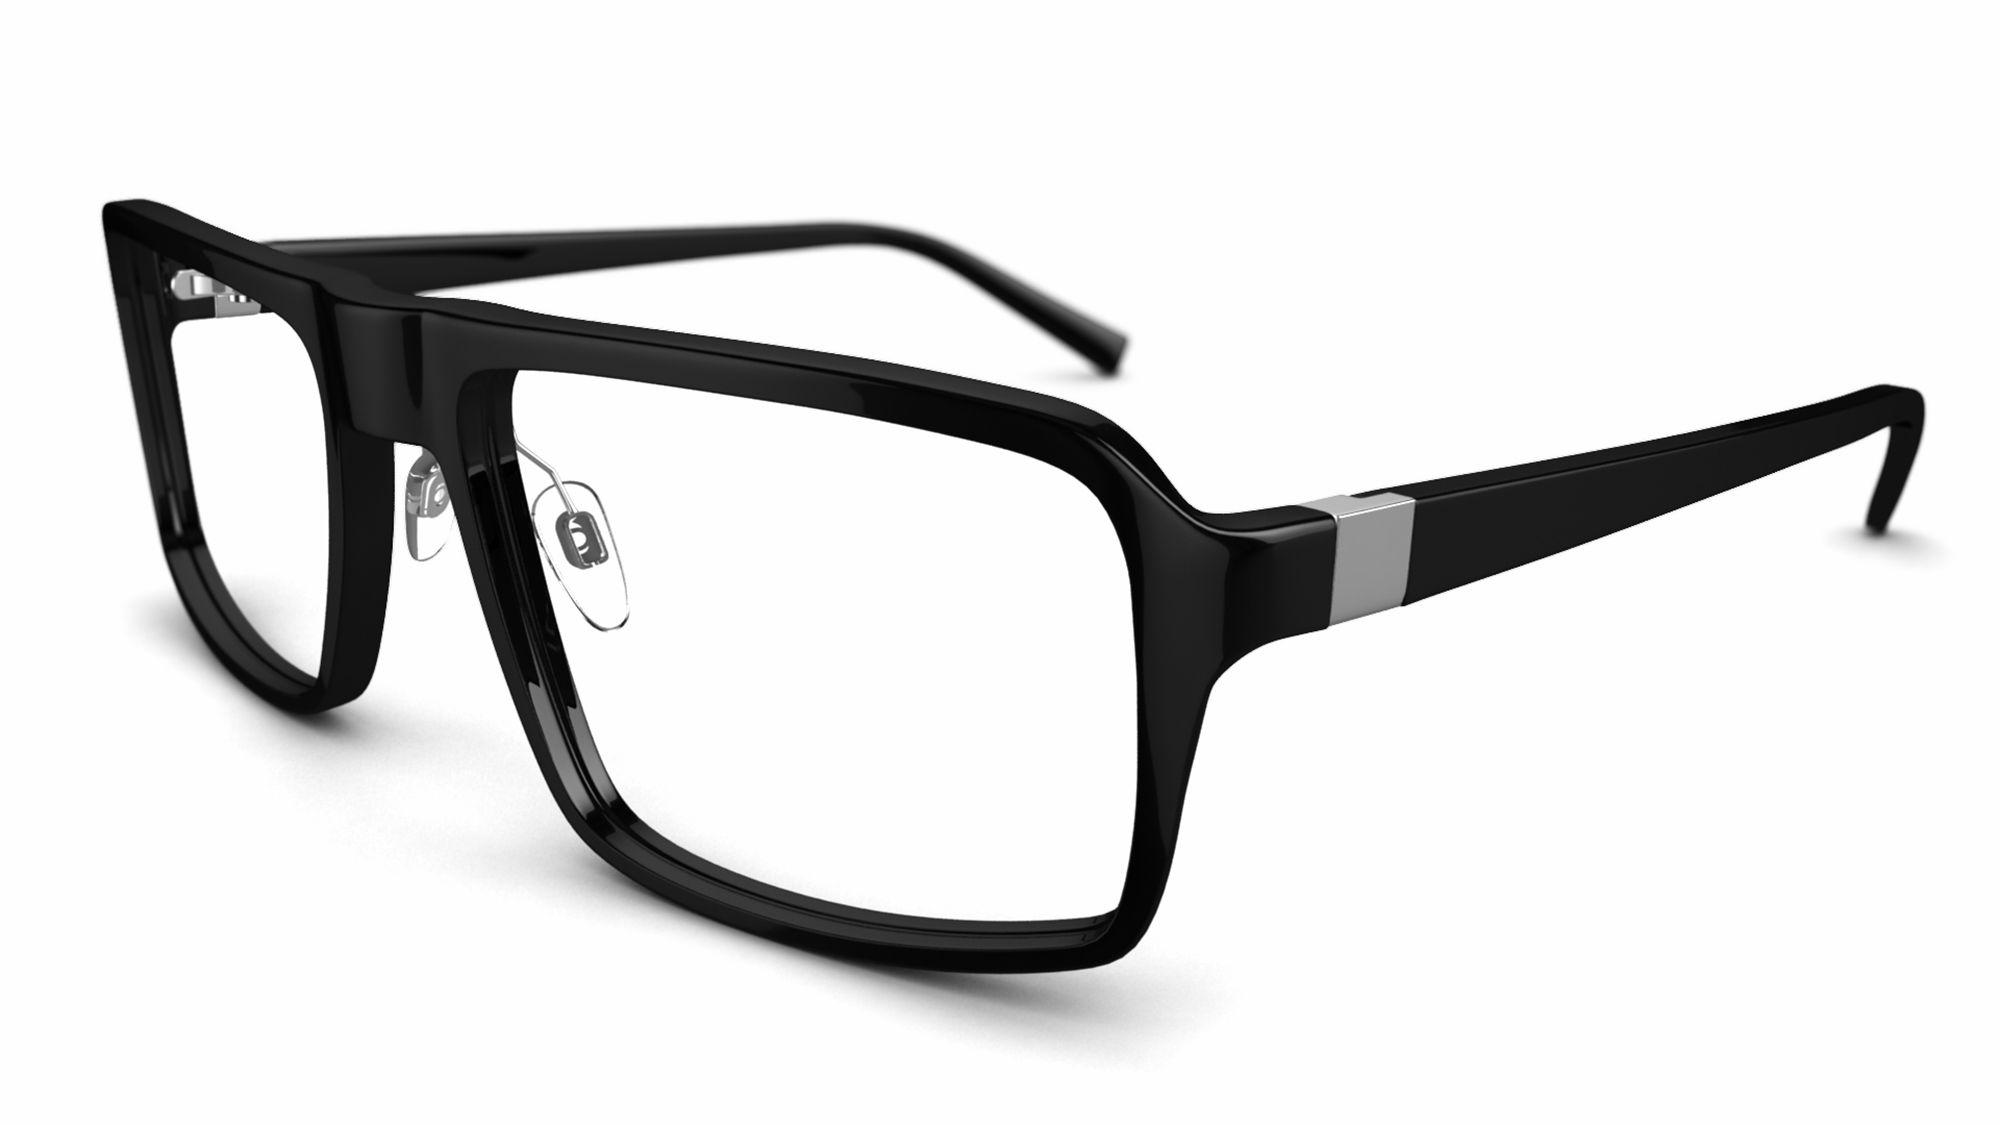 Osiris glasses - OSIRIS B73   Ochelari vedere   Glasses, Mens ... 099fe94f20